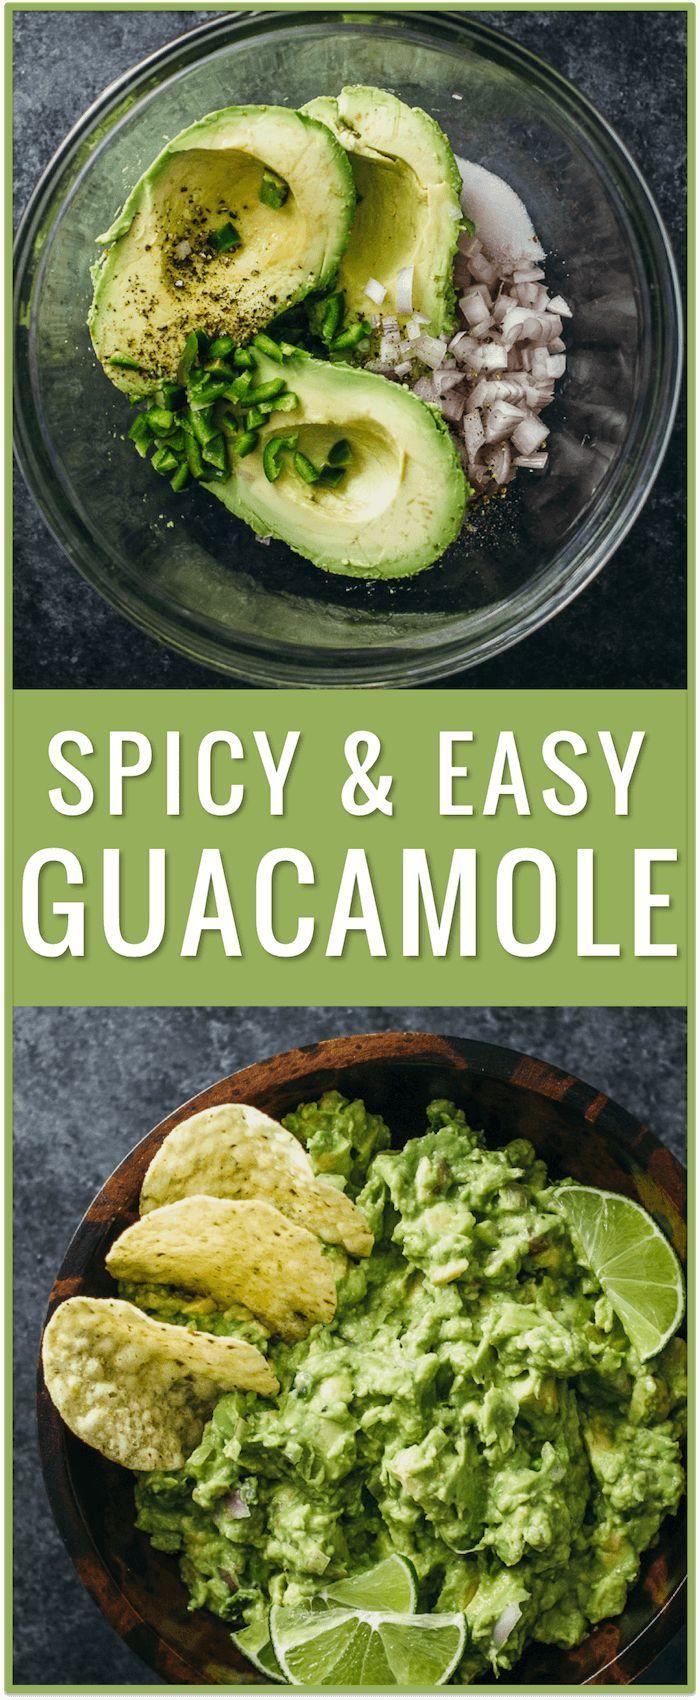 easy guacamole recipe, guacamole dip, guacamole ingredients, spicy guacamole, healthy guacamole, best guacamole, authentic guacamole, mexican guacamole, chipotle, perfect guacamole via @savory_tooth